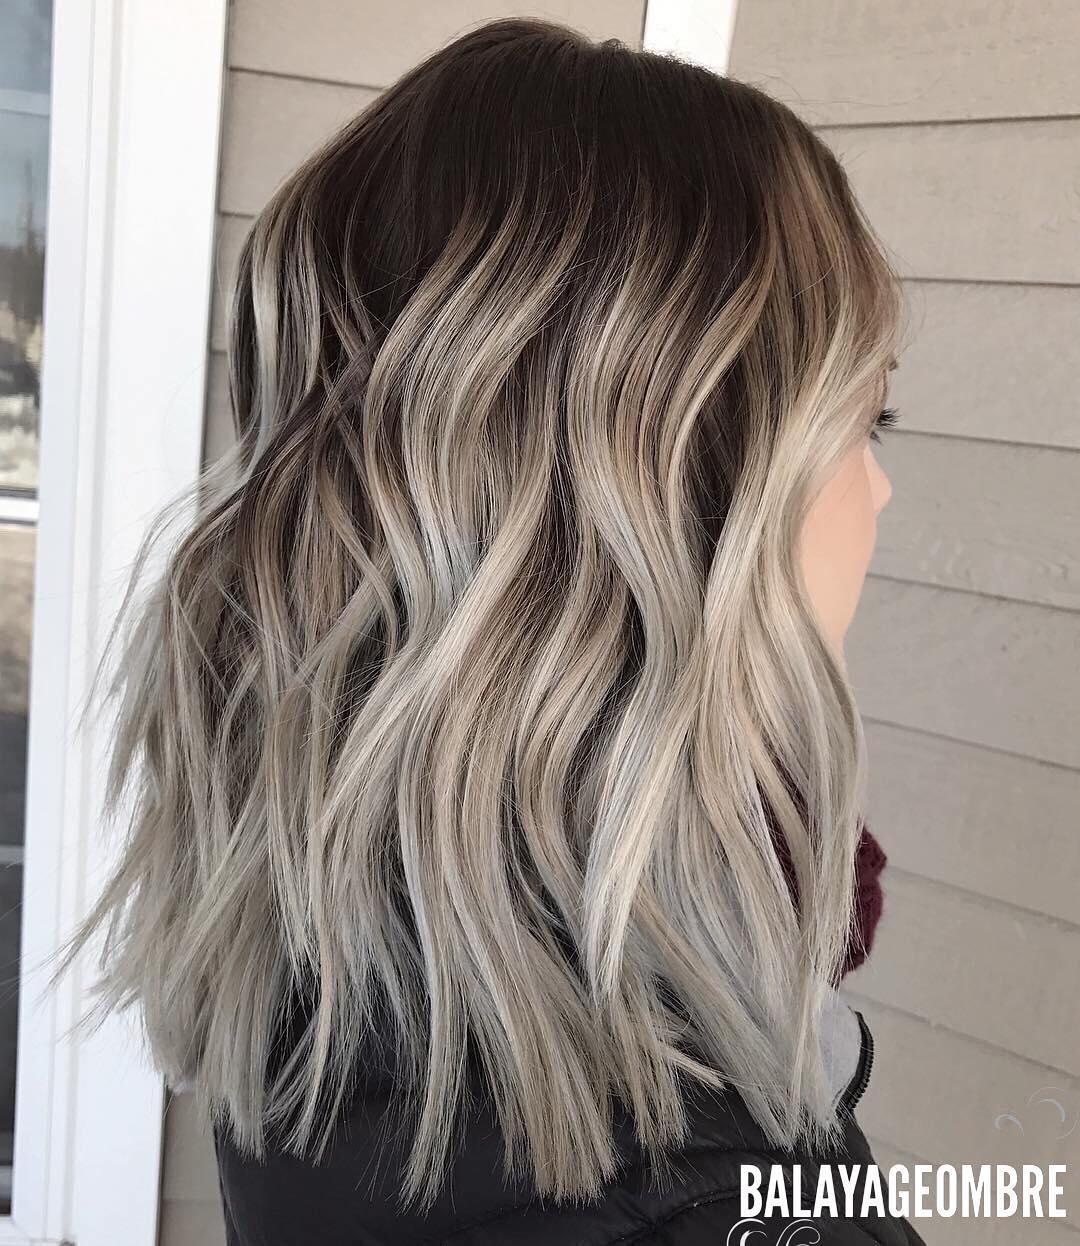 10 Medium Layered Frisuren in Beige, Braun und Ash-Blonde Fashion Farben